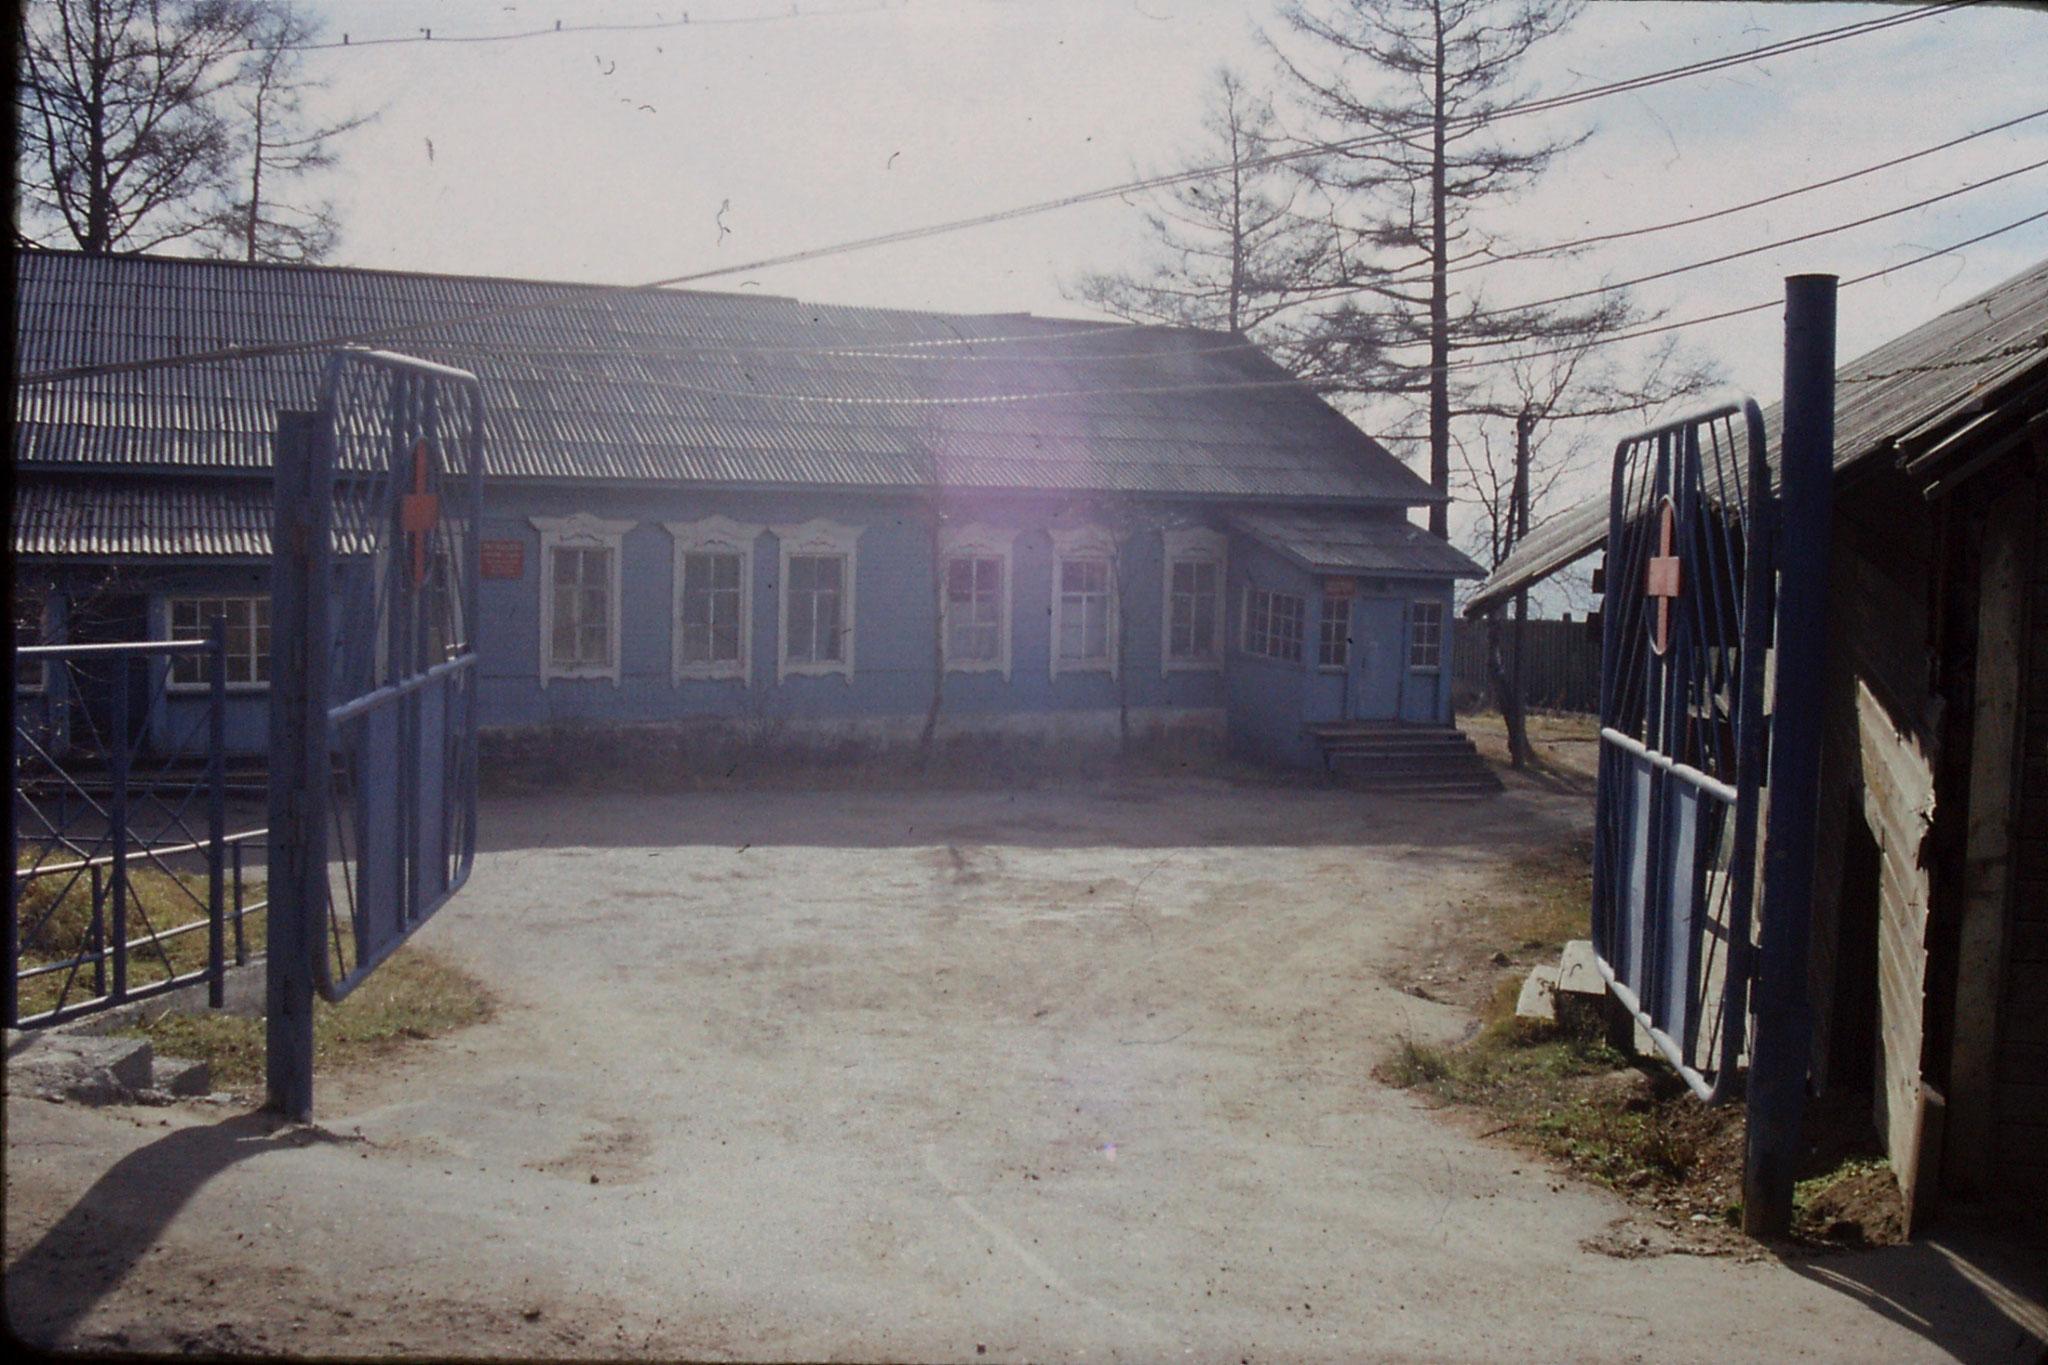 23/10/1988: 23: Lake Baikal Listvyanka hospital